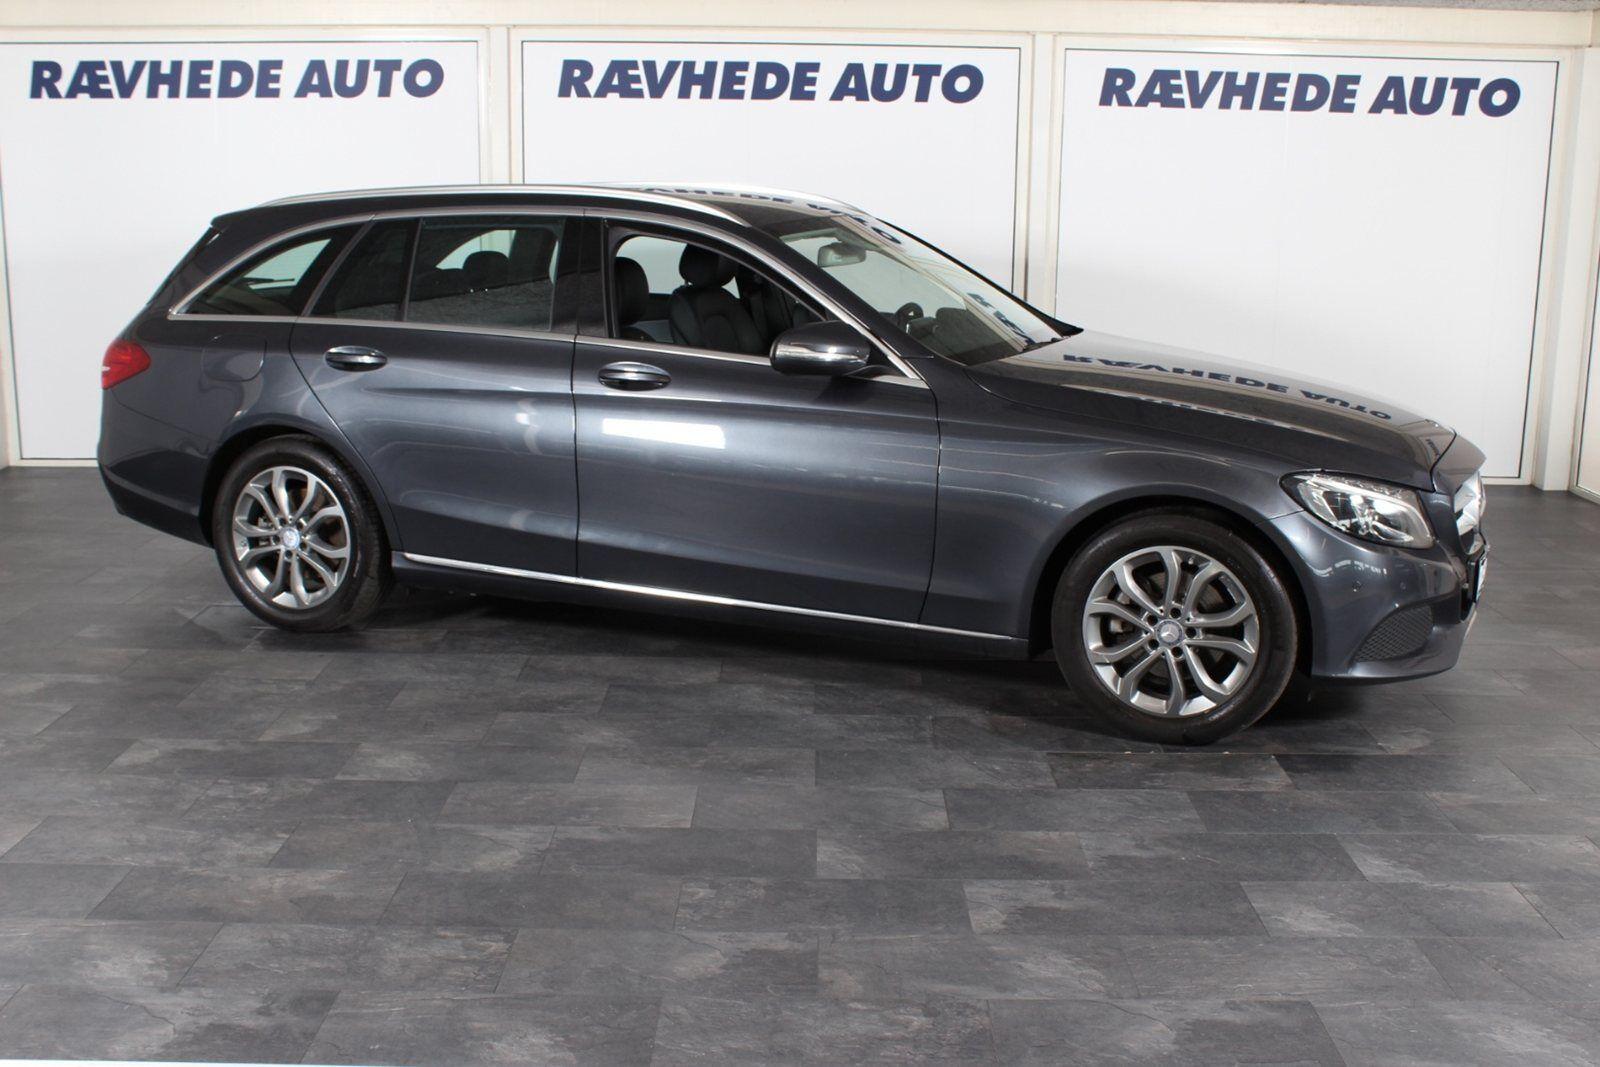 Mercedes C220 2,2 BlueTEC Avantgarde stc. aut. 5d - 349.500 kr.